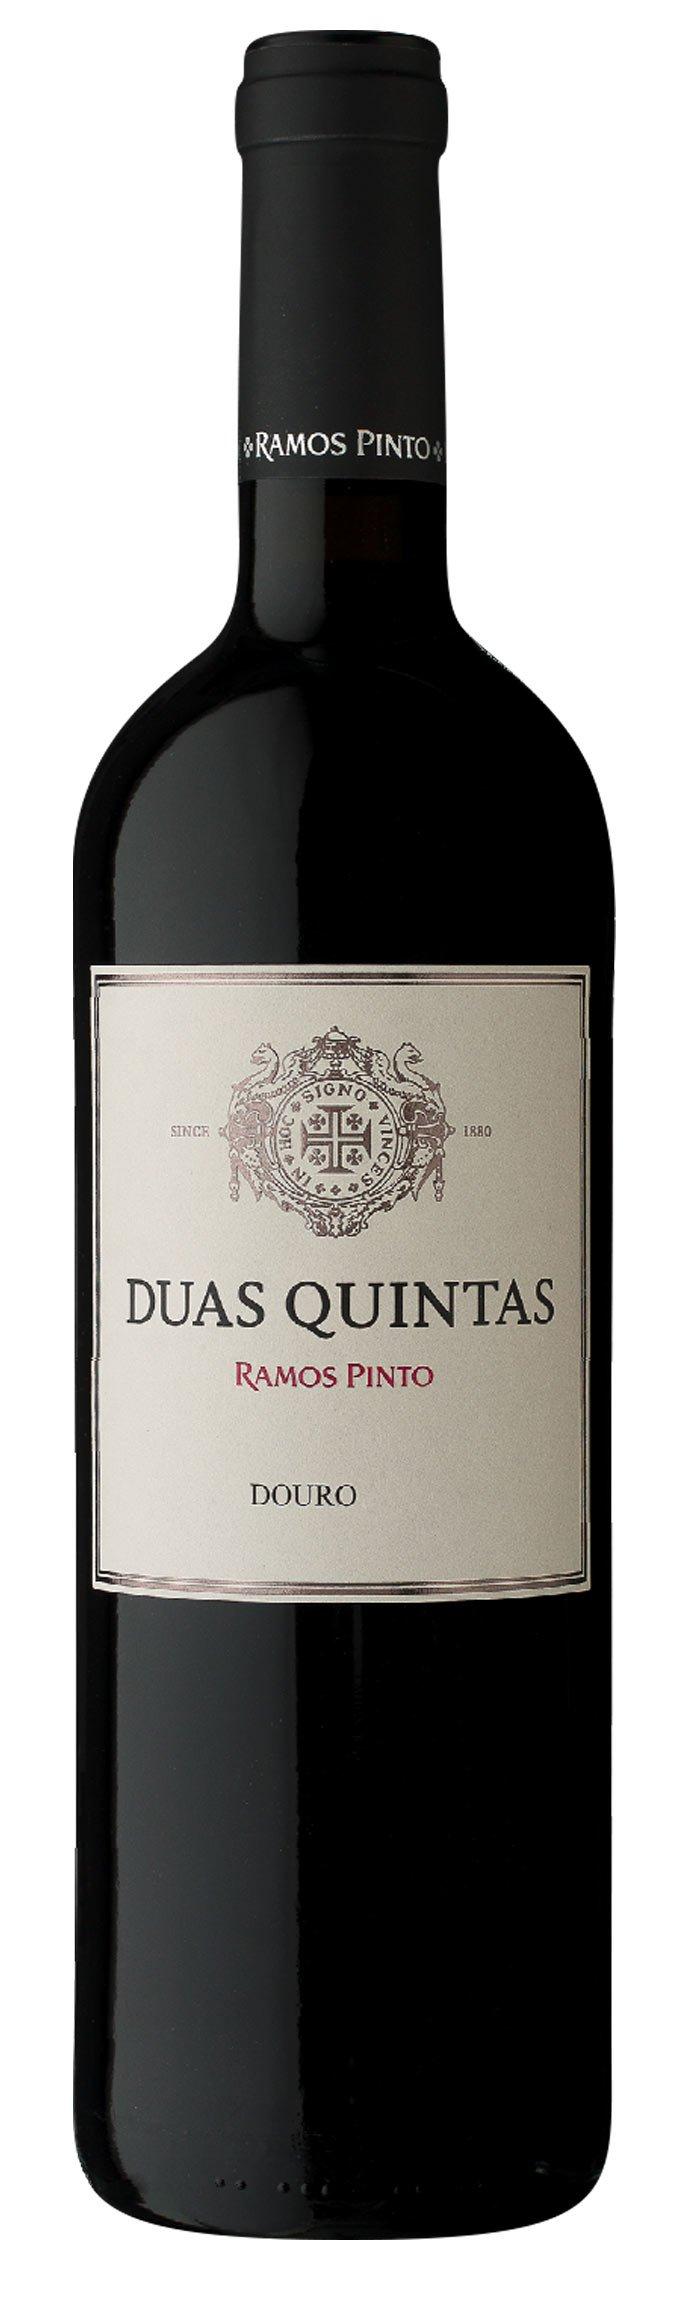 Adriano-Ramos-Pinto-Duas-Quintas-2016-trocken-075-L-Flaschen